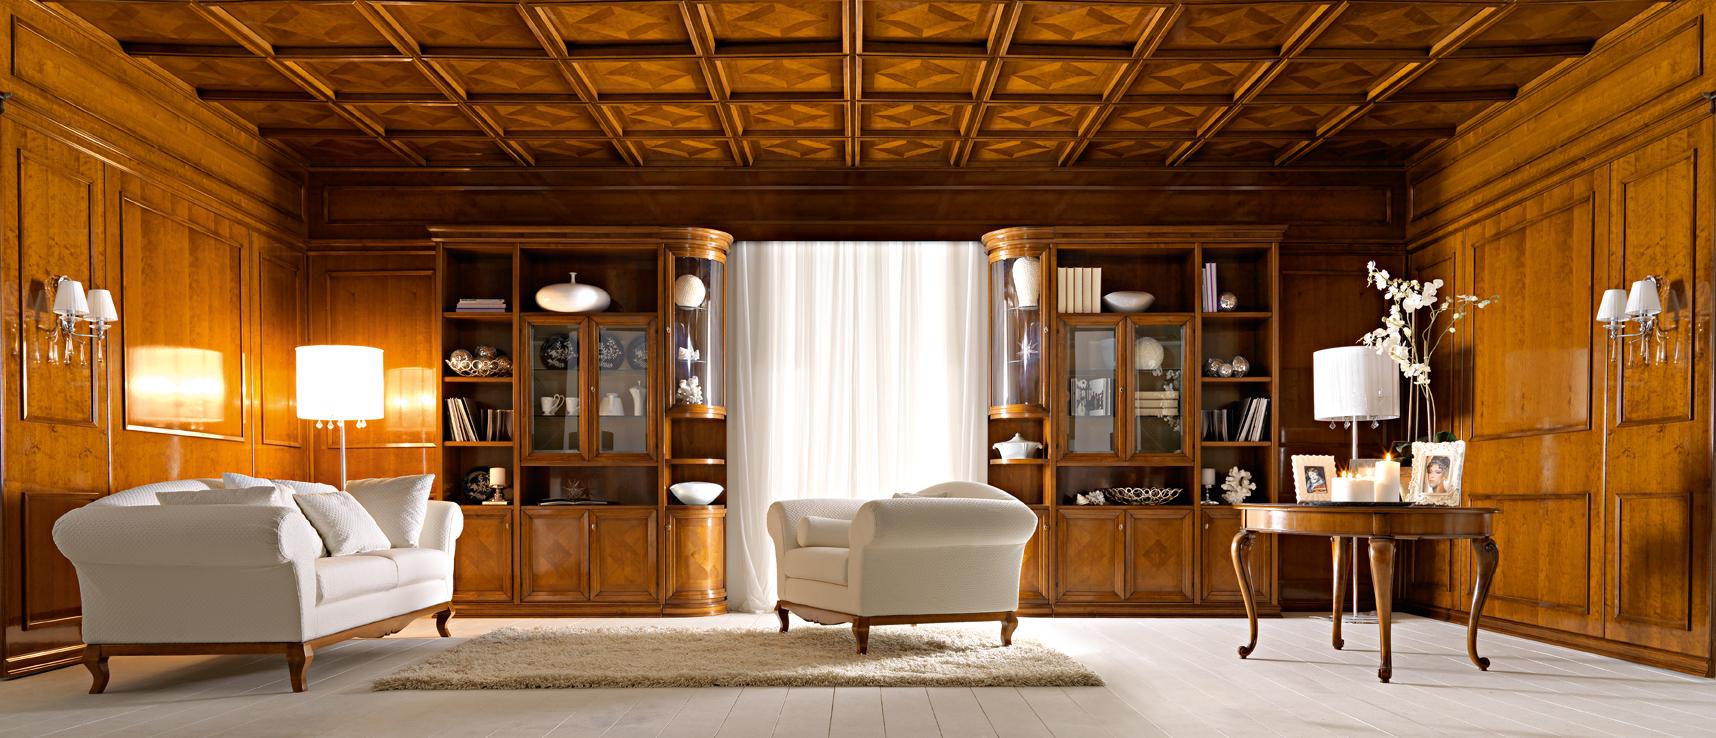 Cool arredamento casa moderno e classico insieme for Arredamento gratis milano